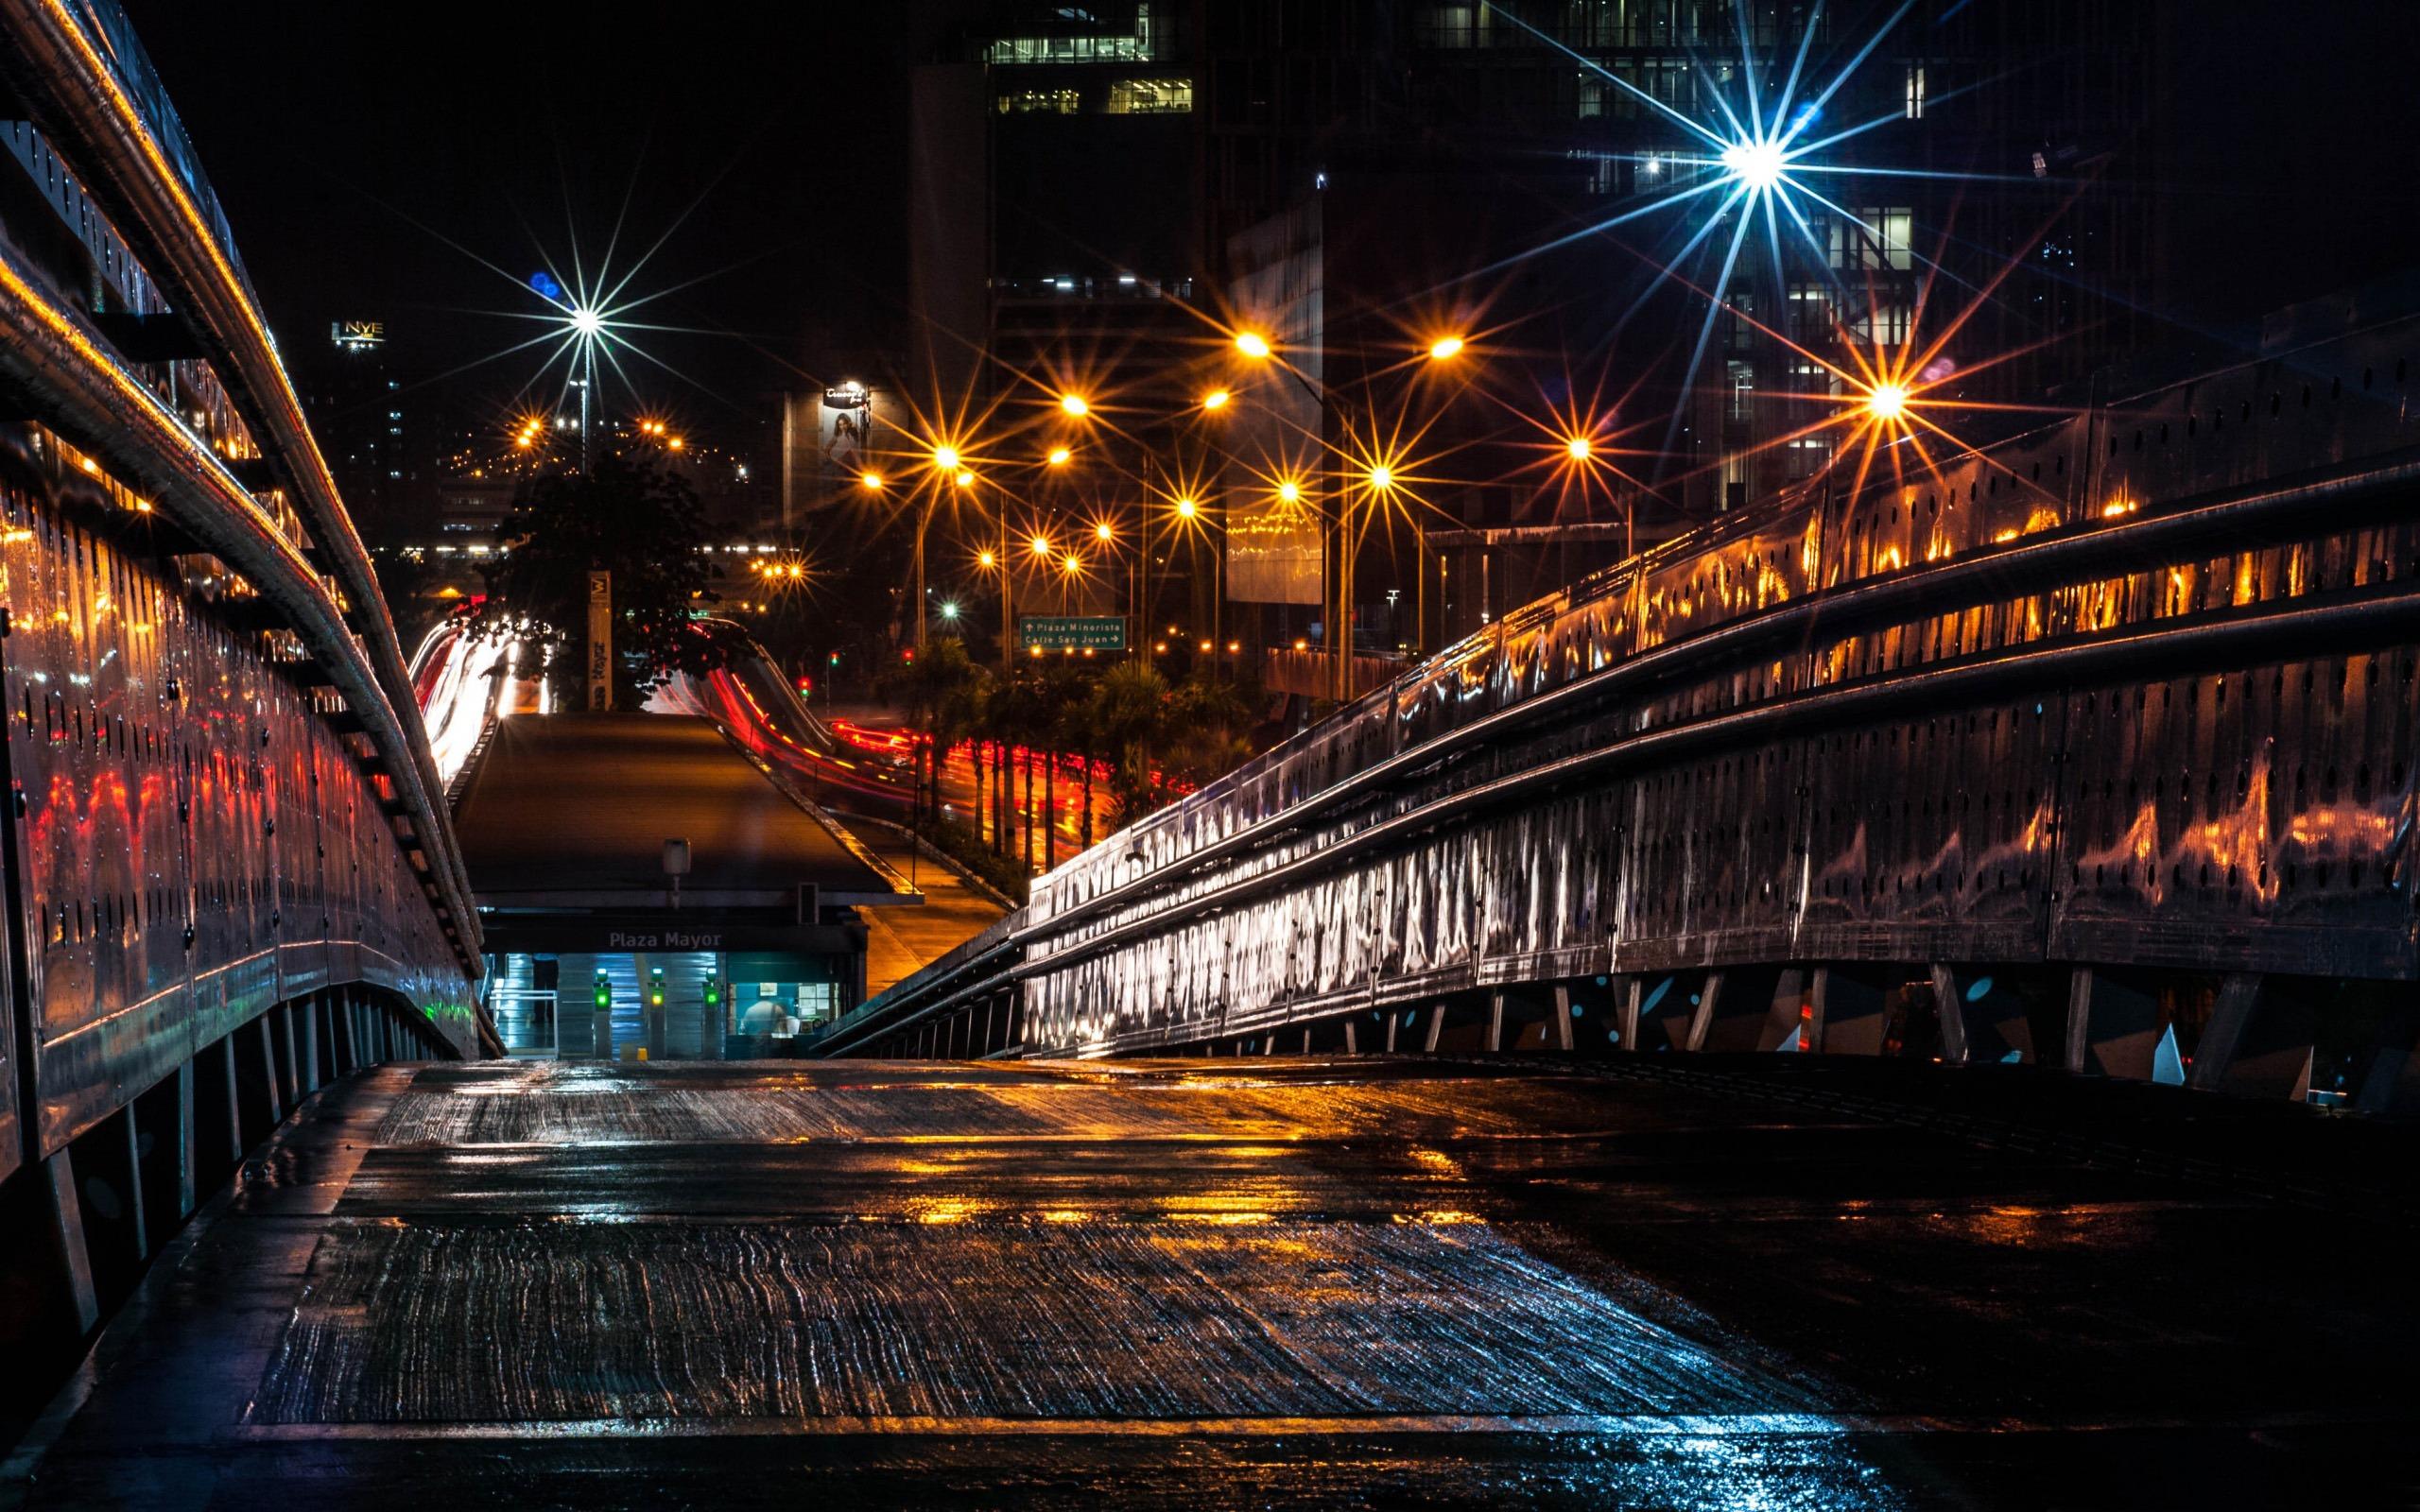 Puente En La Noche Cities Hd Wallpaper Avance 10wallpapercom